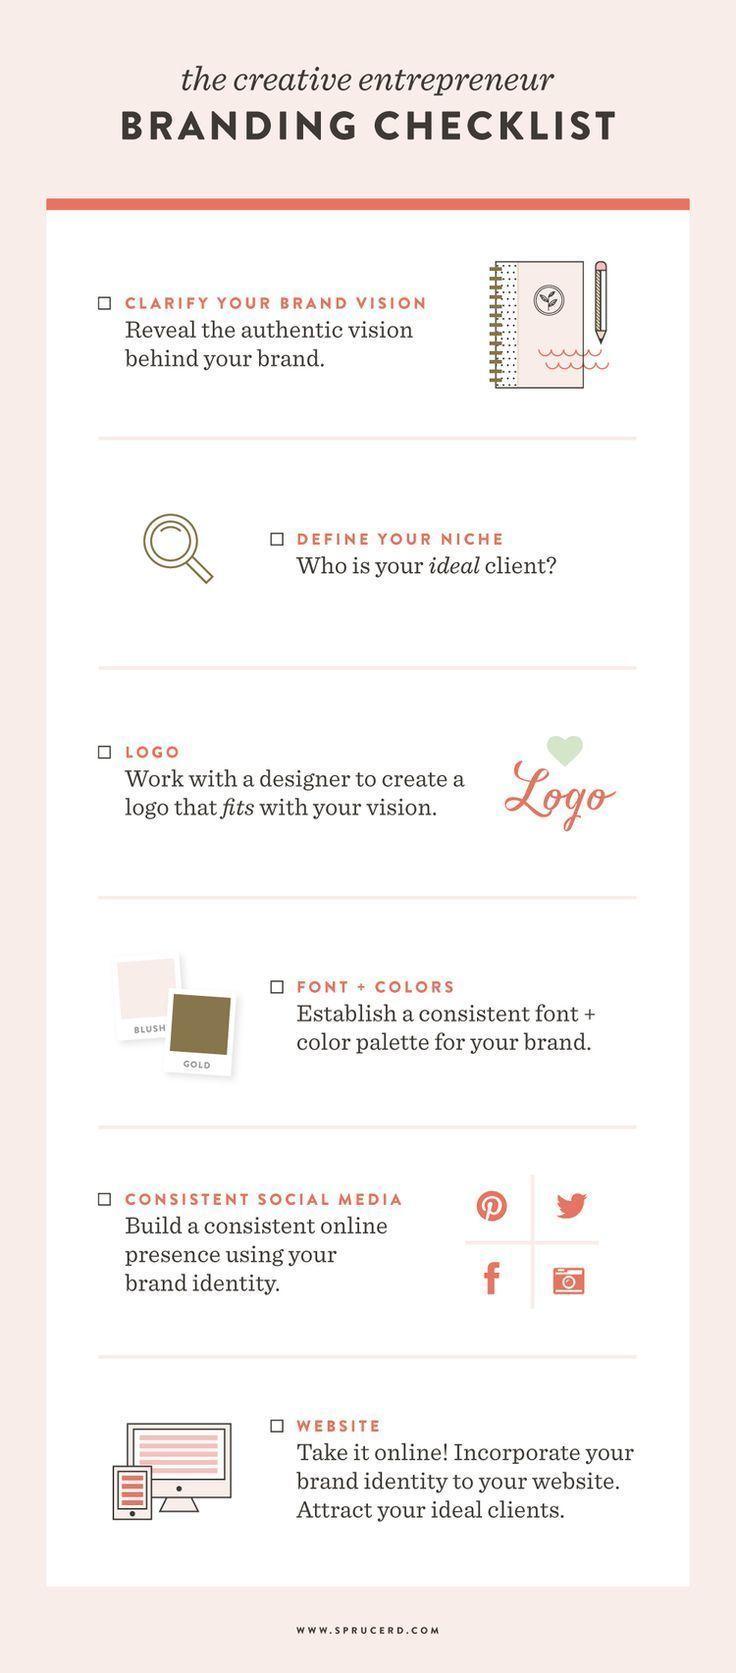 Lista de verificación de marcas de emprendedores creativos Hoy, quería ofrecer un che …   – event-planing